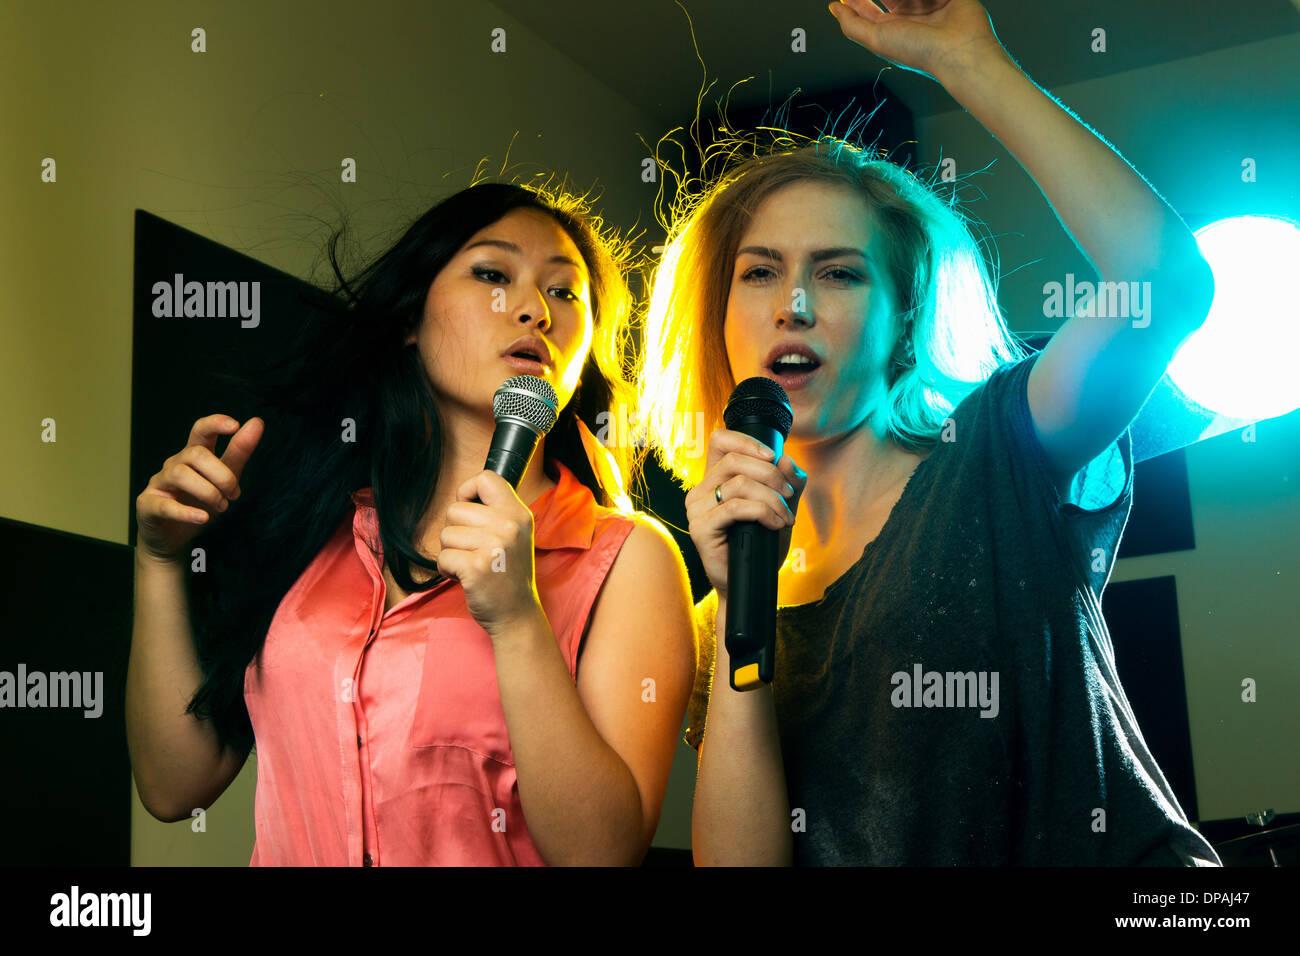 Les femmes danser et chanter Photo Stock